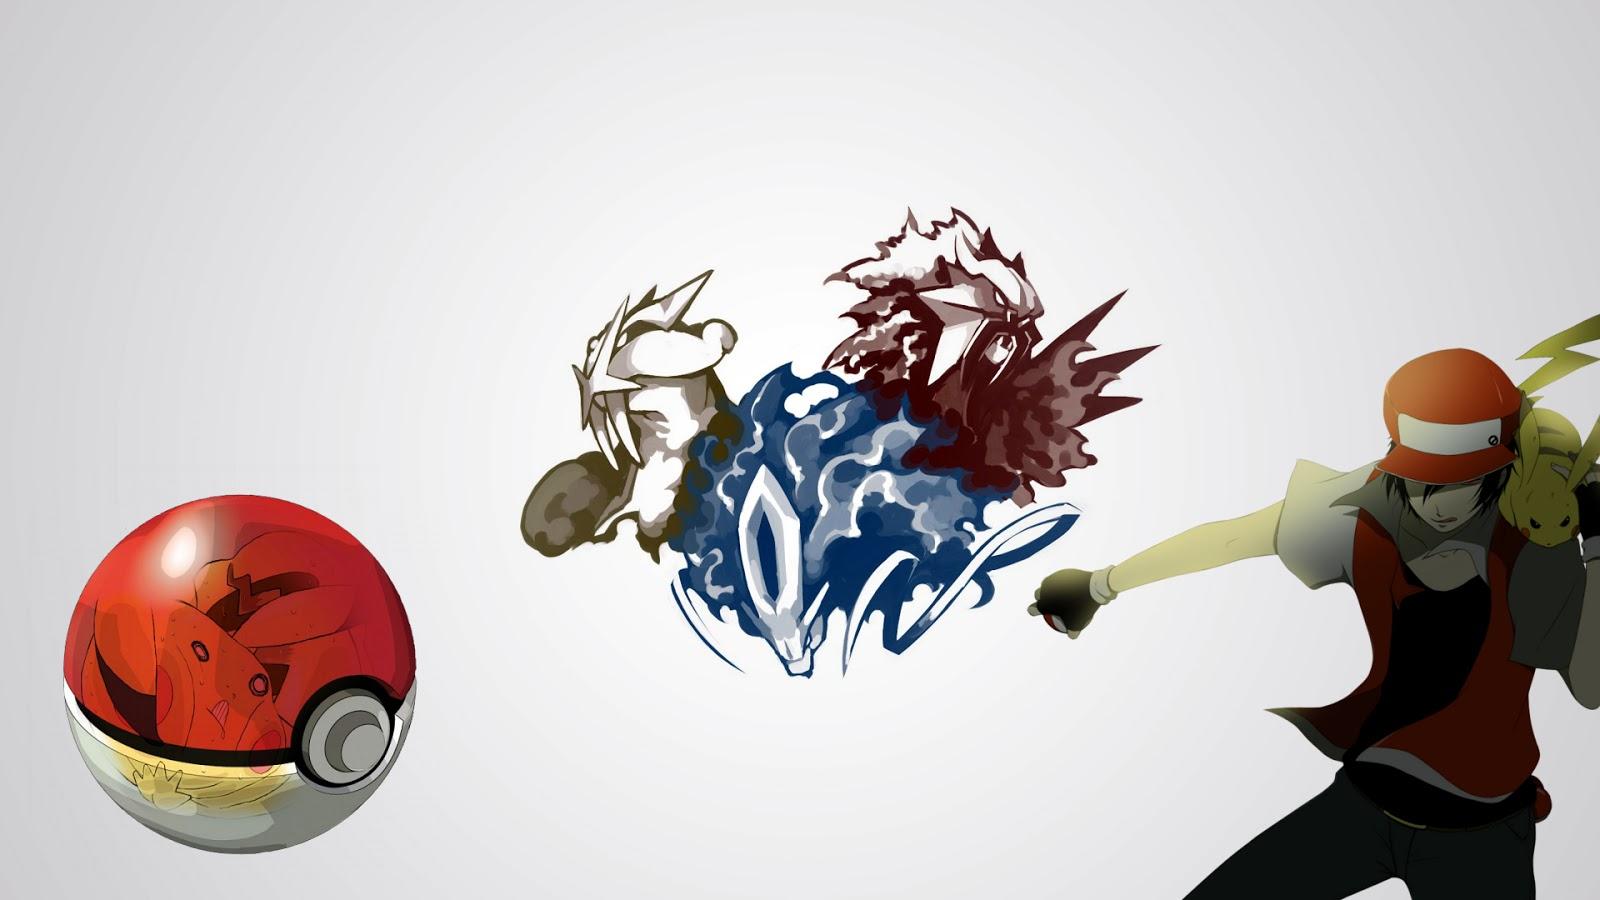 Tải hình ảnh nền Pokemon đẹp nhất Full HD